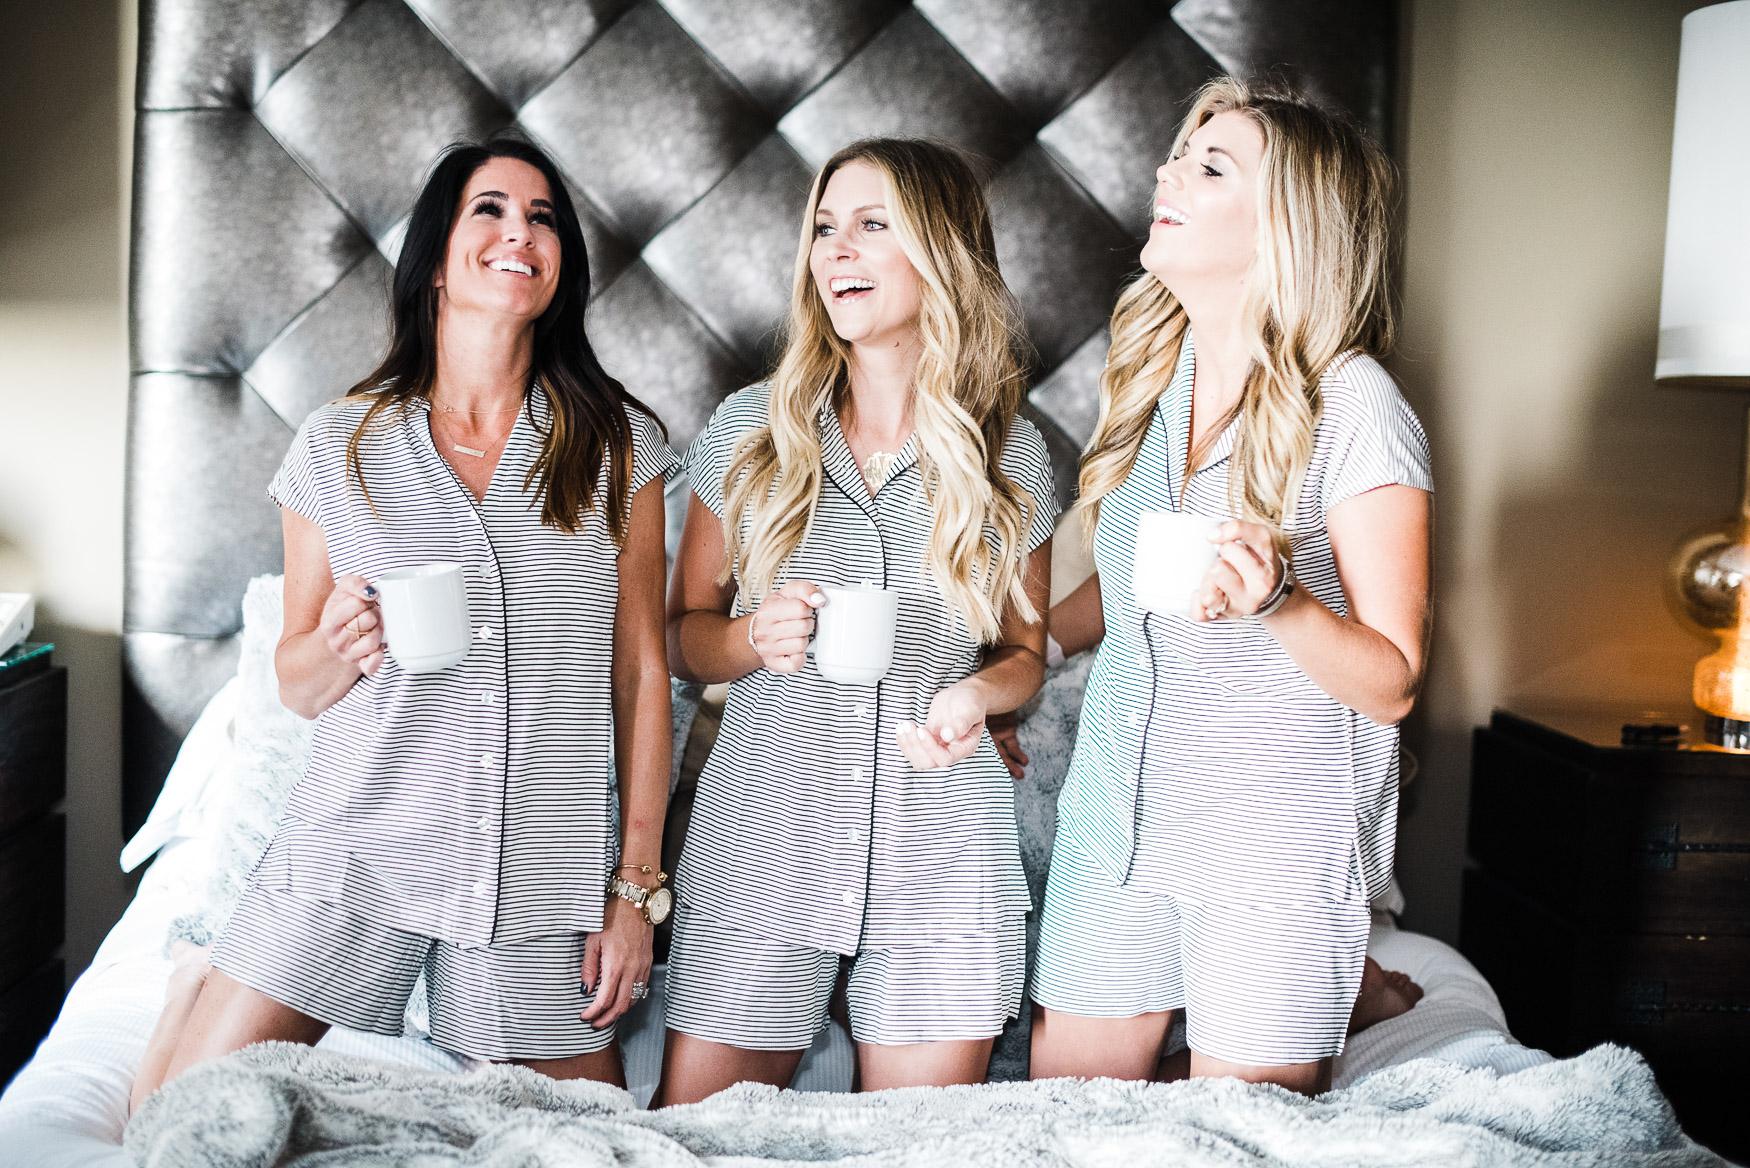 soma striped pajamas for girls night